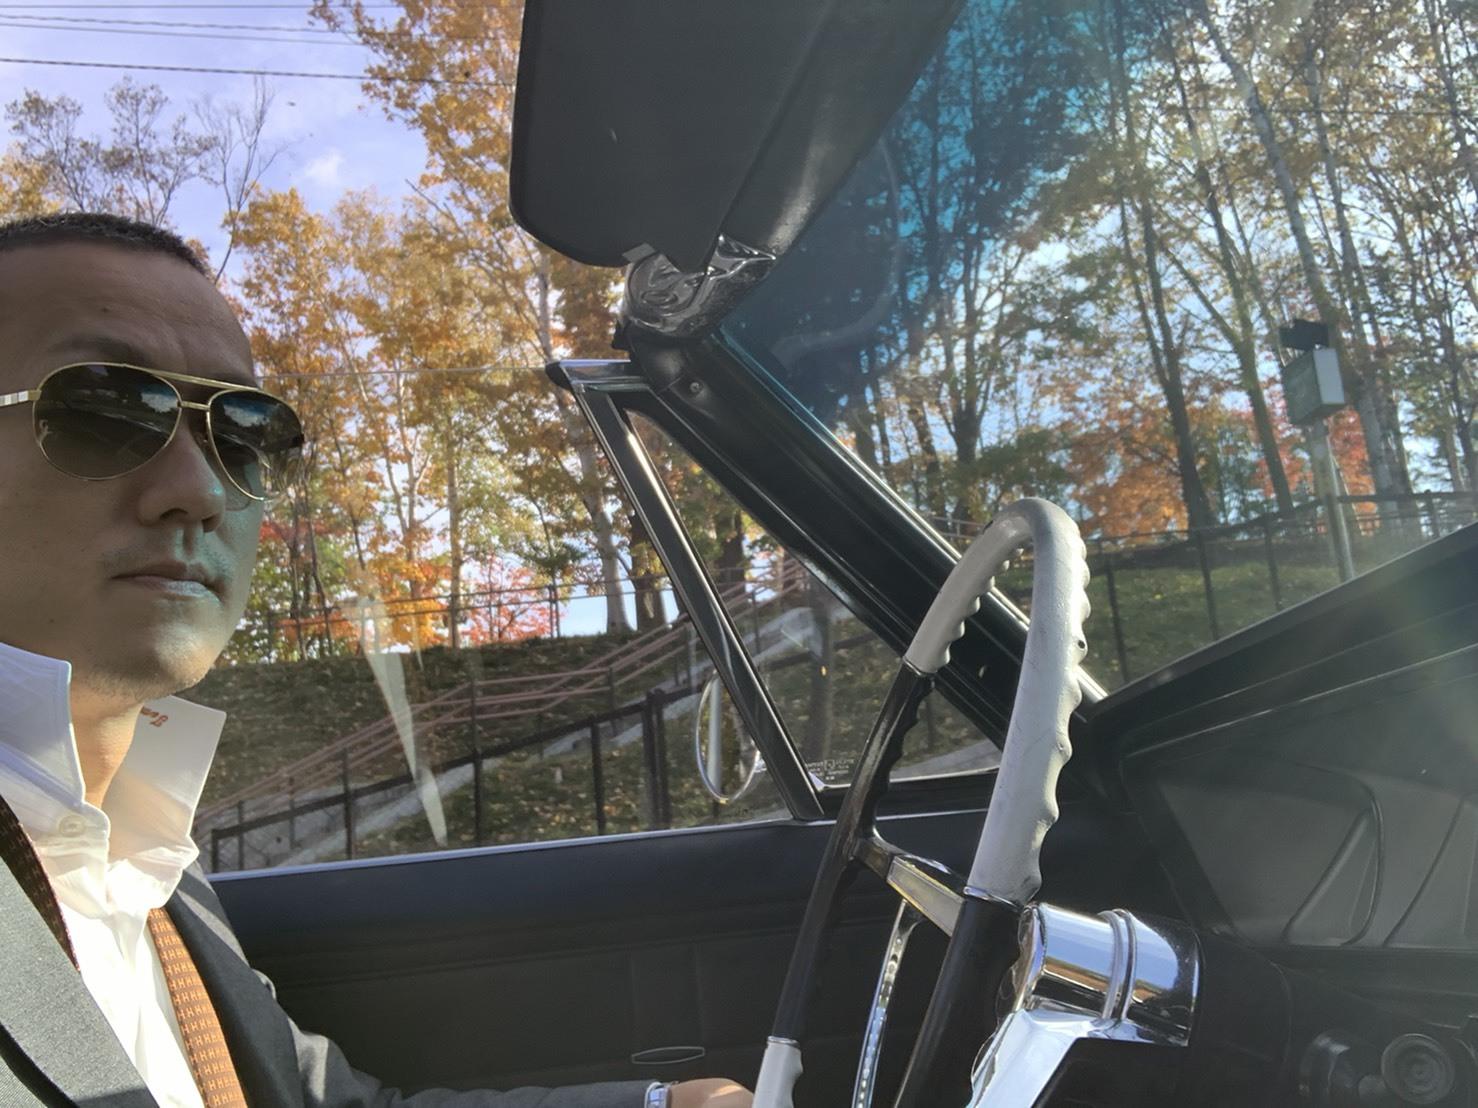 10月29日(火)本店ぶろぐーーハマーH3ありますよ♡ 除雪車レンタルもお任せください✊ ランクル ハマー アルファード_b0127002_19002961.jpg